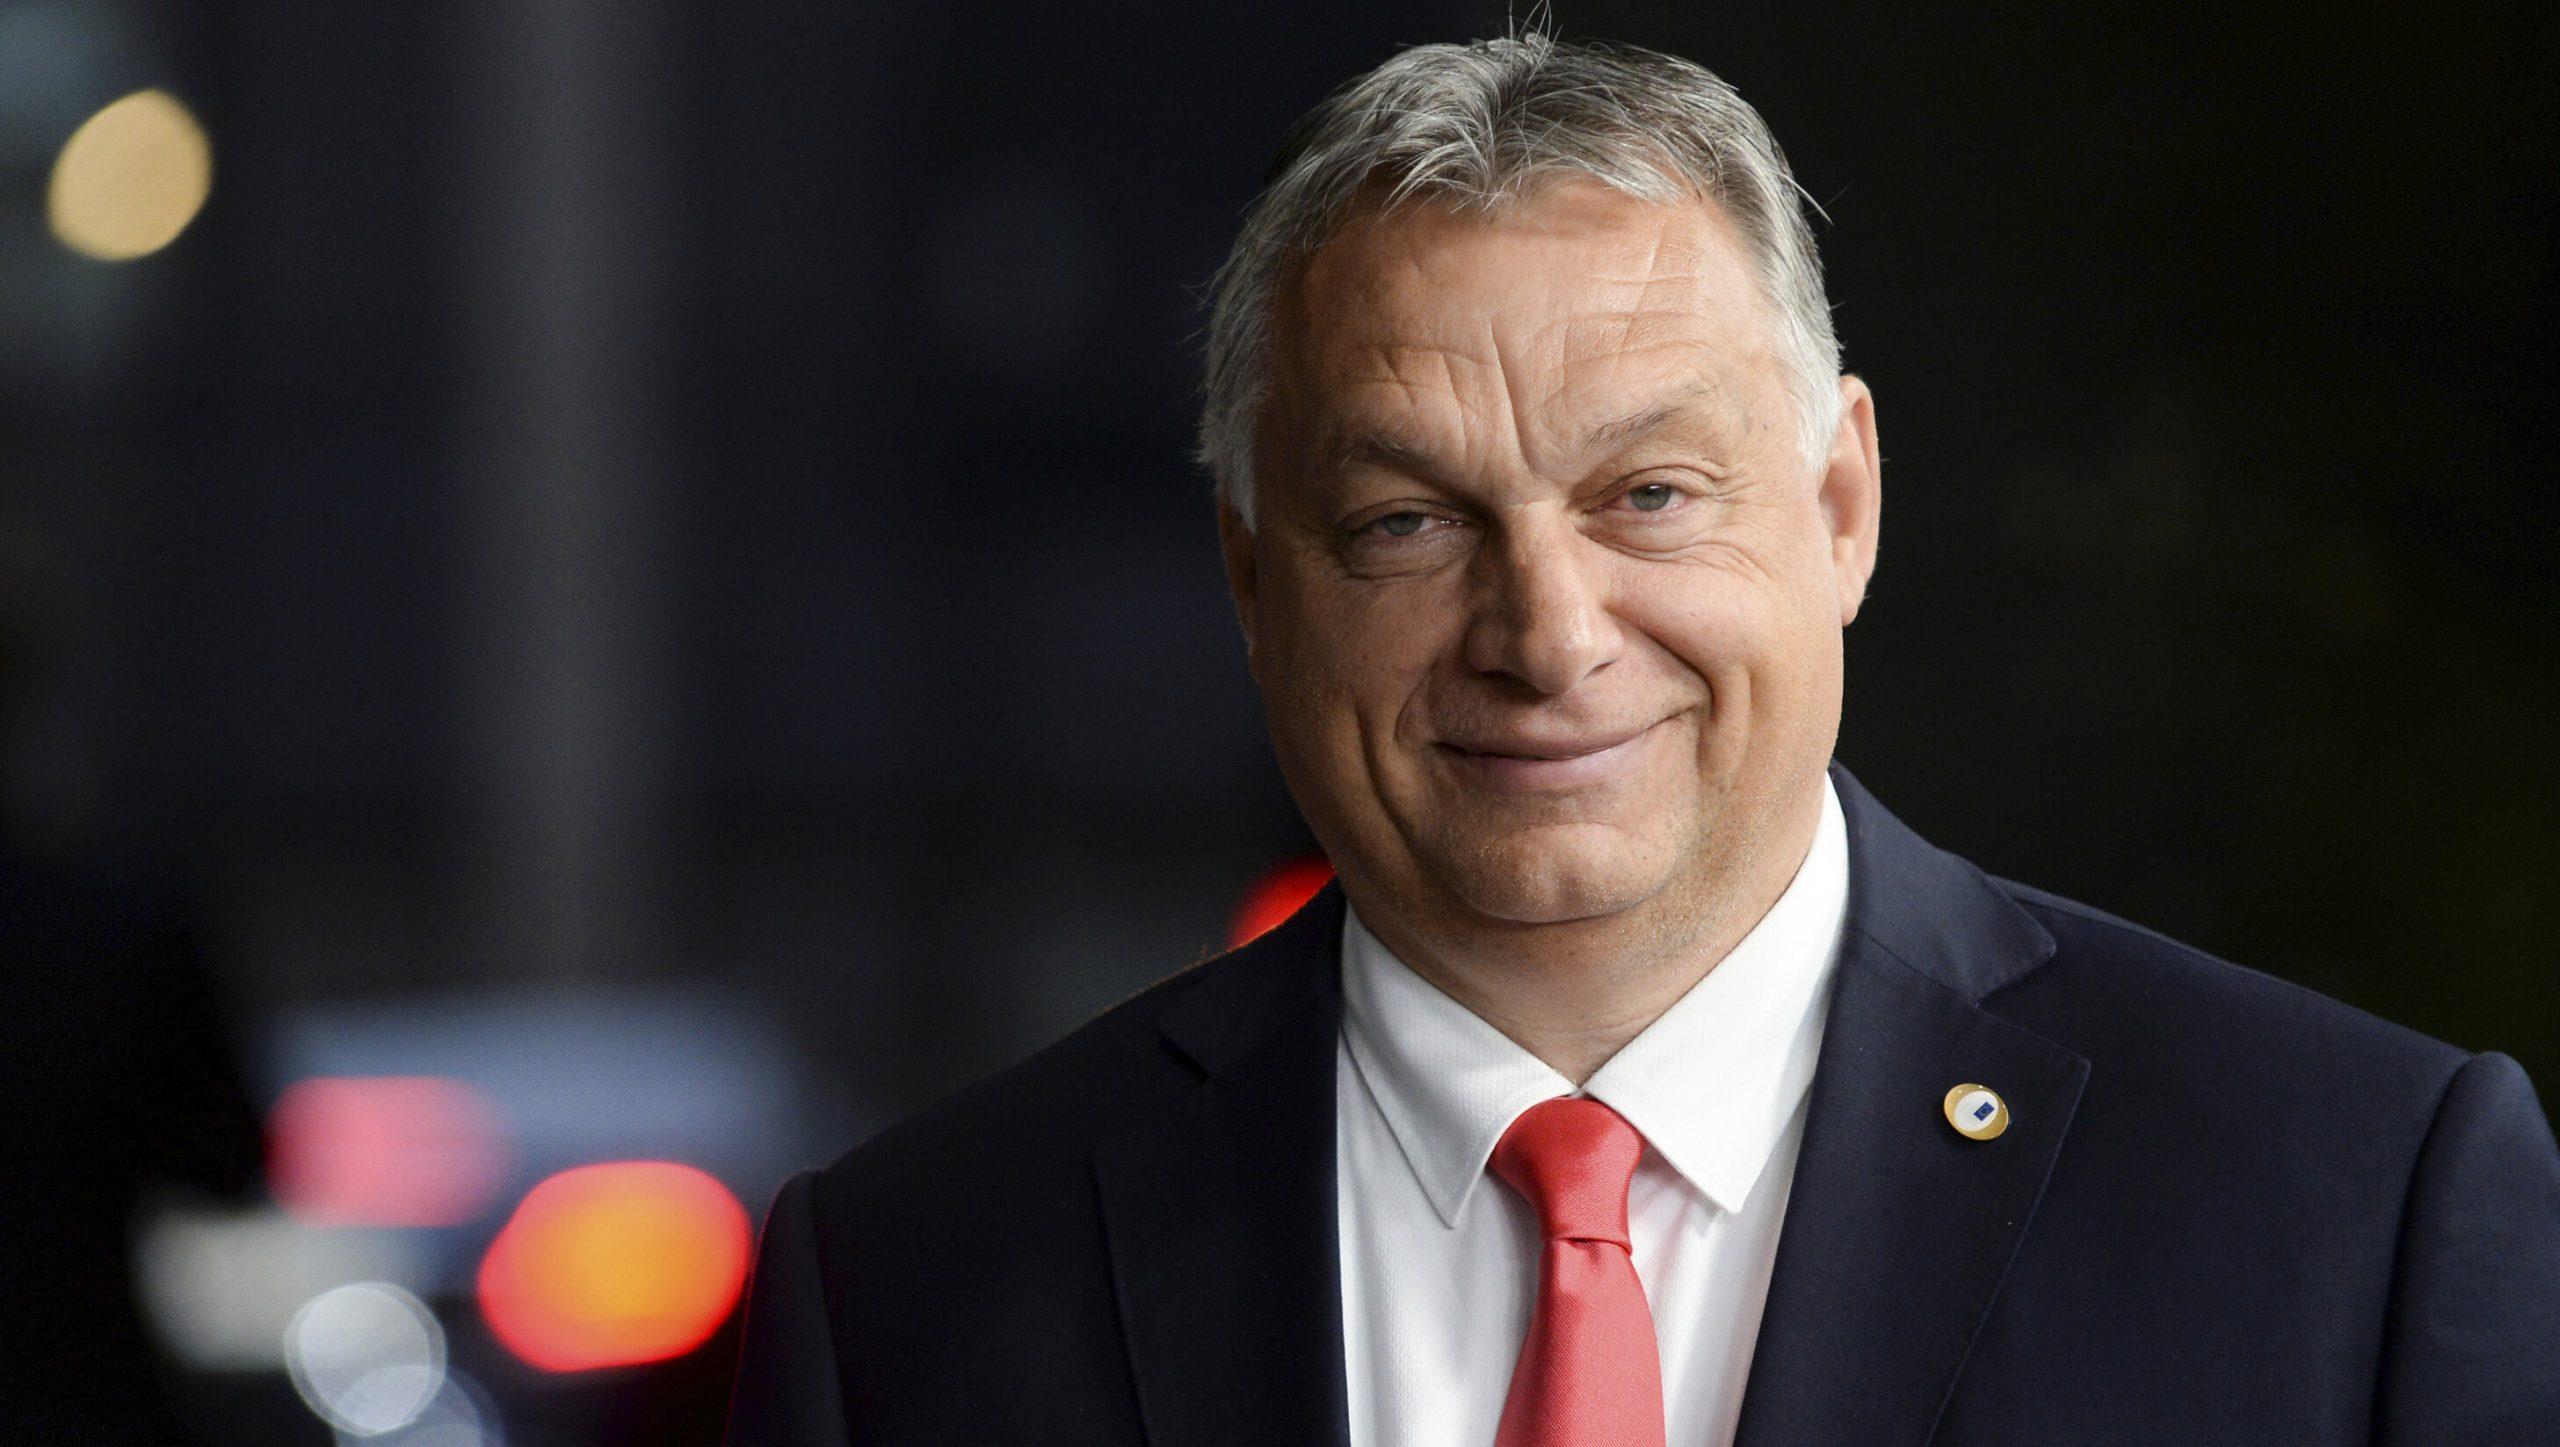 Viktor Orban nu renunță la legea anti-LGBT nici dacă UE retrage fondurile de redresare ale Ungariei